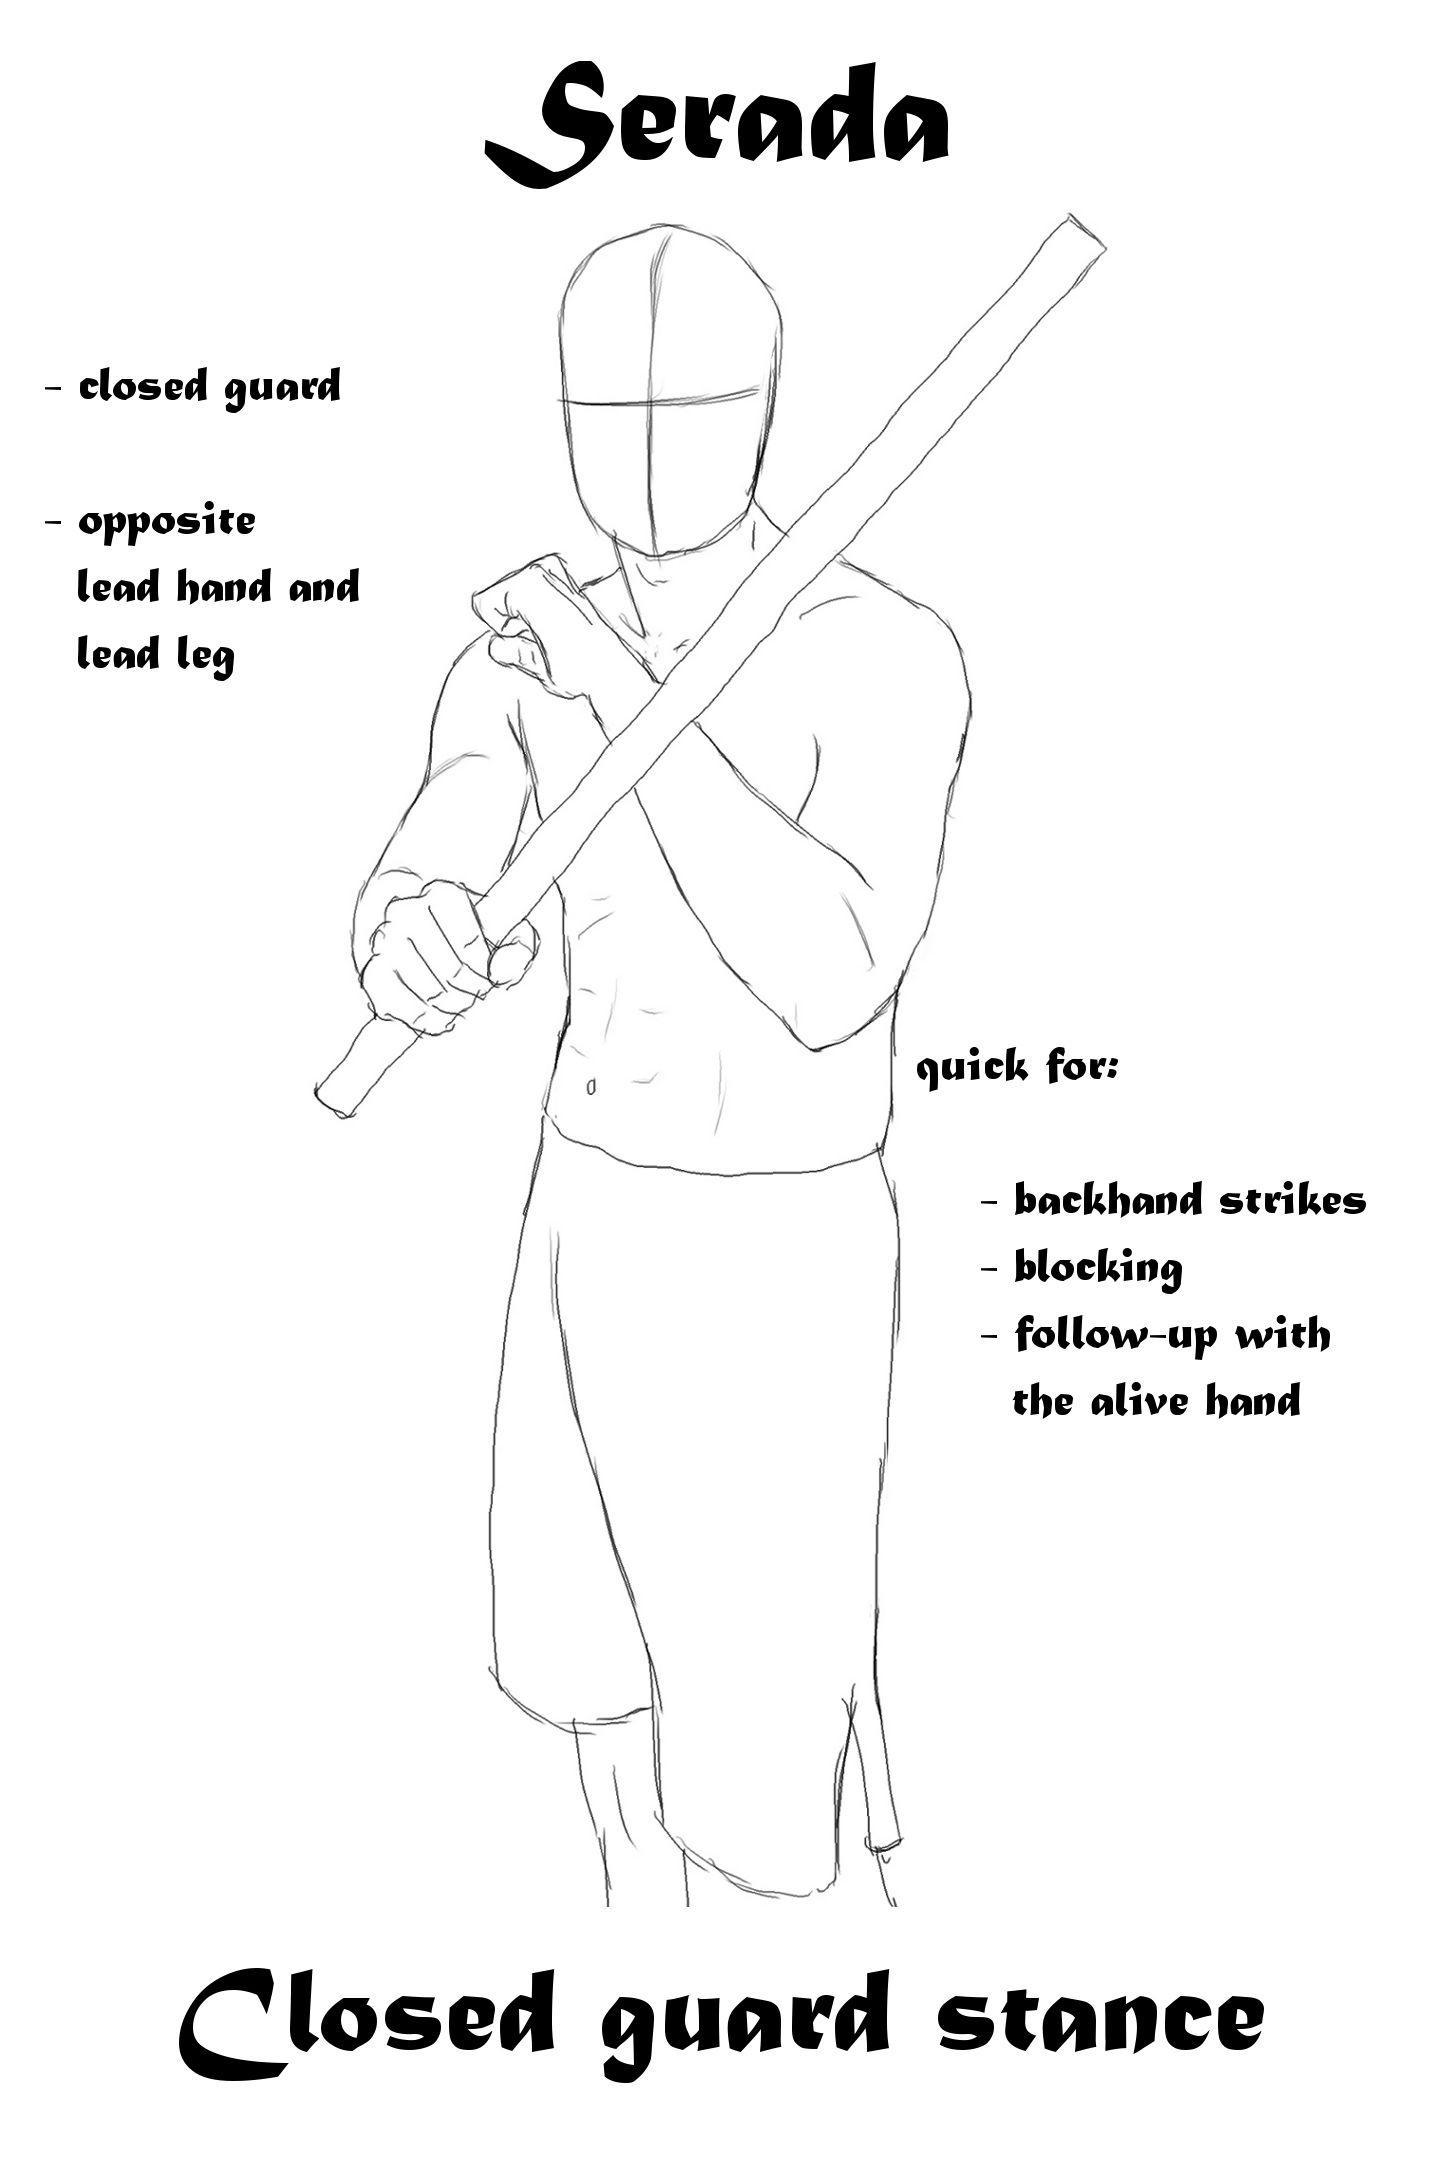 Serada Closed Guard Stance For Escrima Stick Fighting Filipino Martial Arts Kali Martial Art Martial Arts Styles